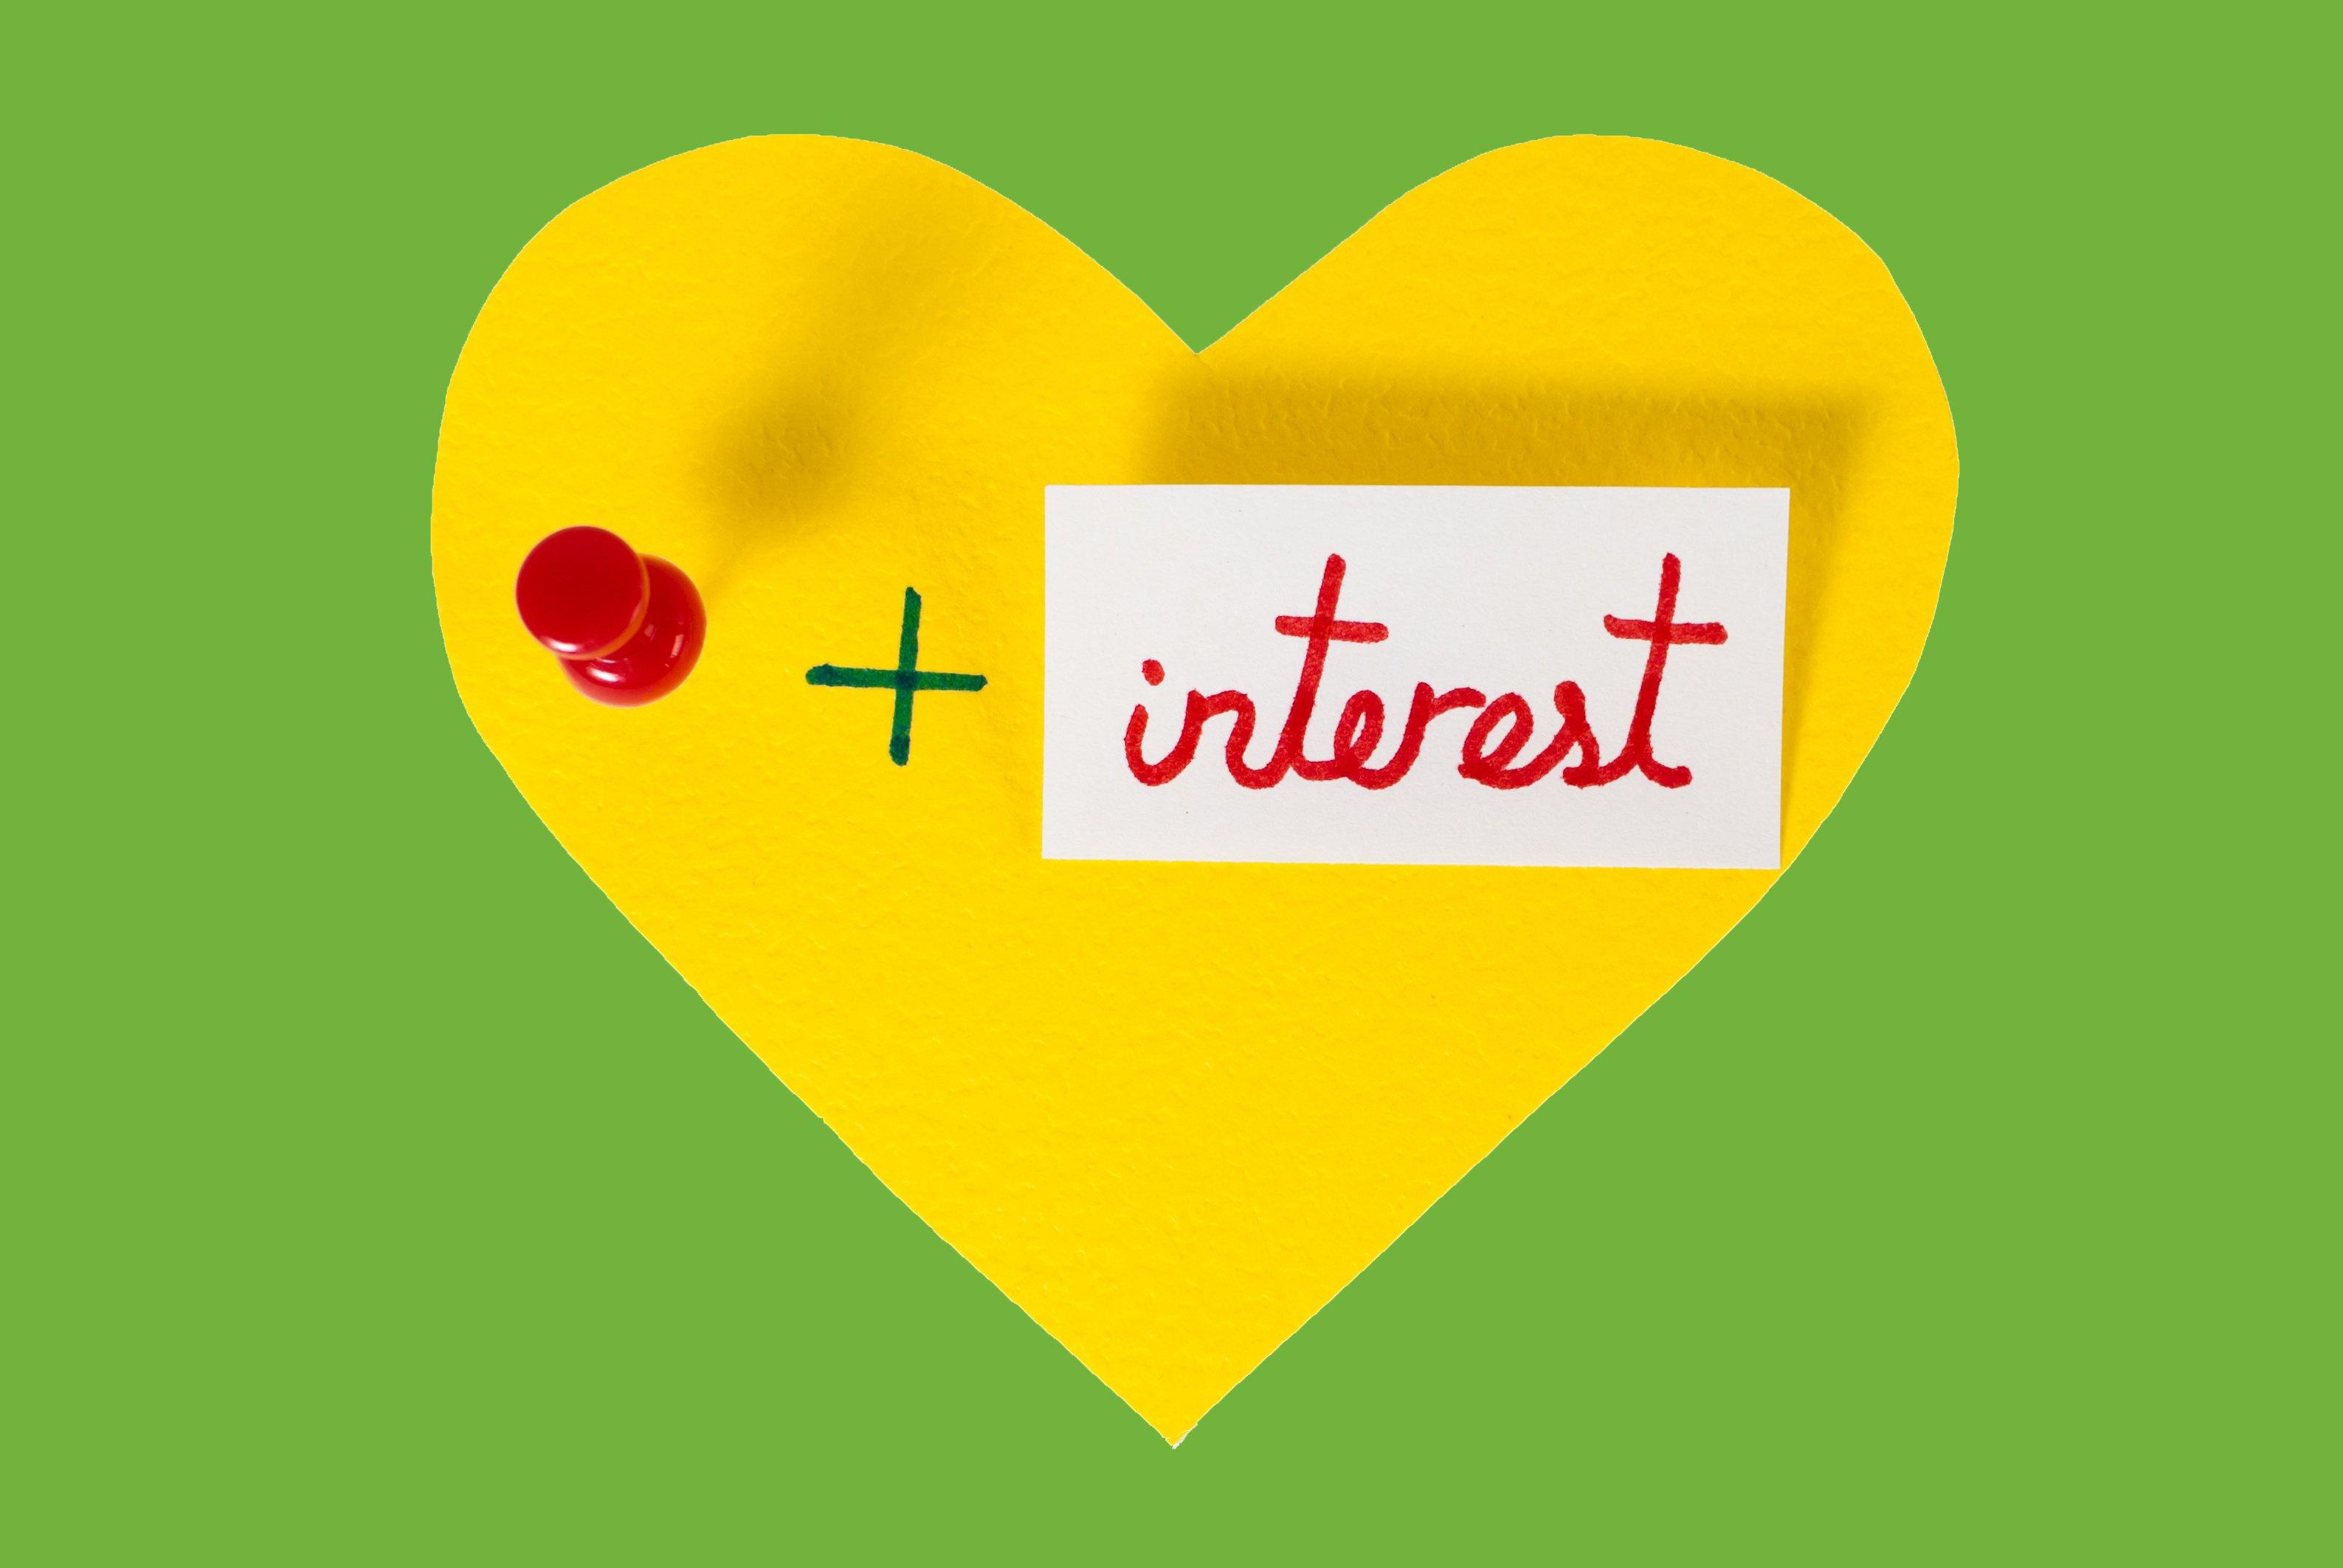 Pinterest : du tout nouveau, tout frais dans les fonctionnalités